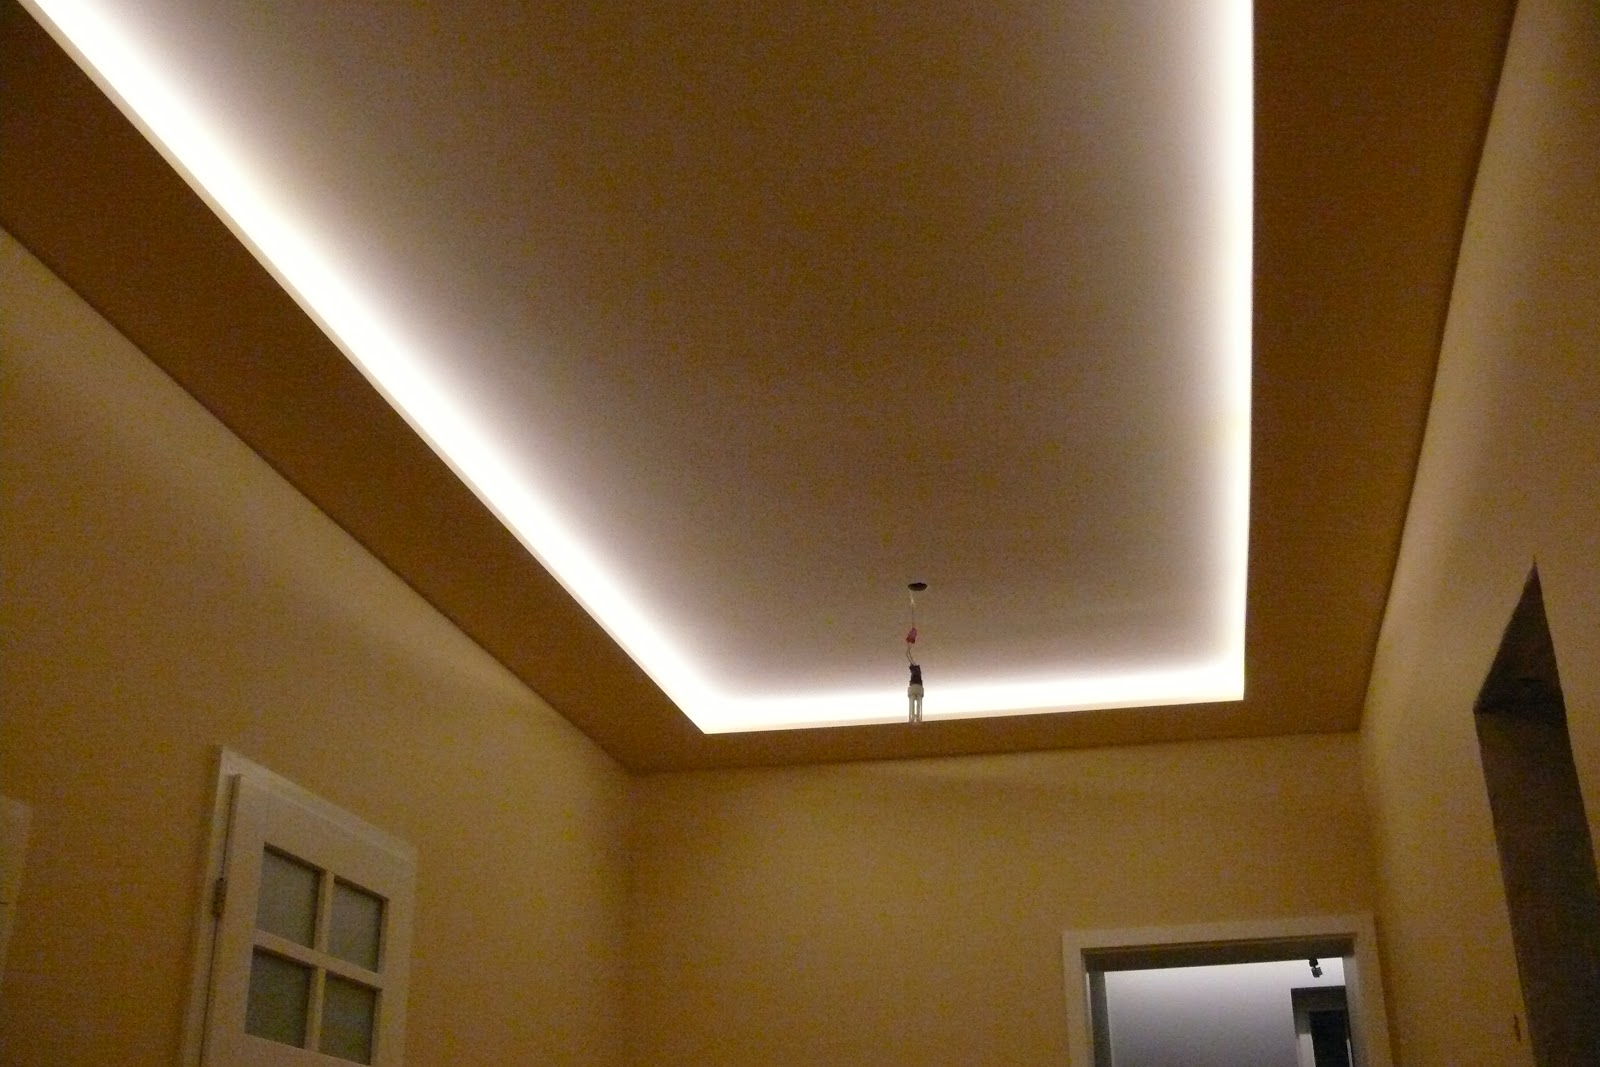 Zabudowa sufitu karton-gipsem oraz podświetlanie sufitu listwa ledową